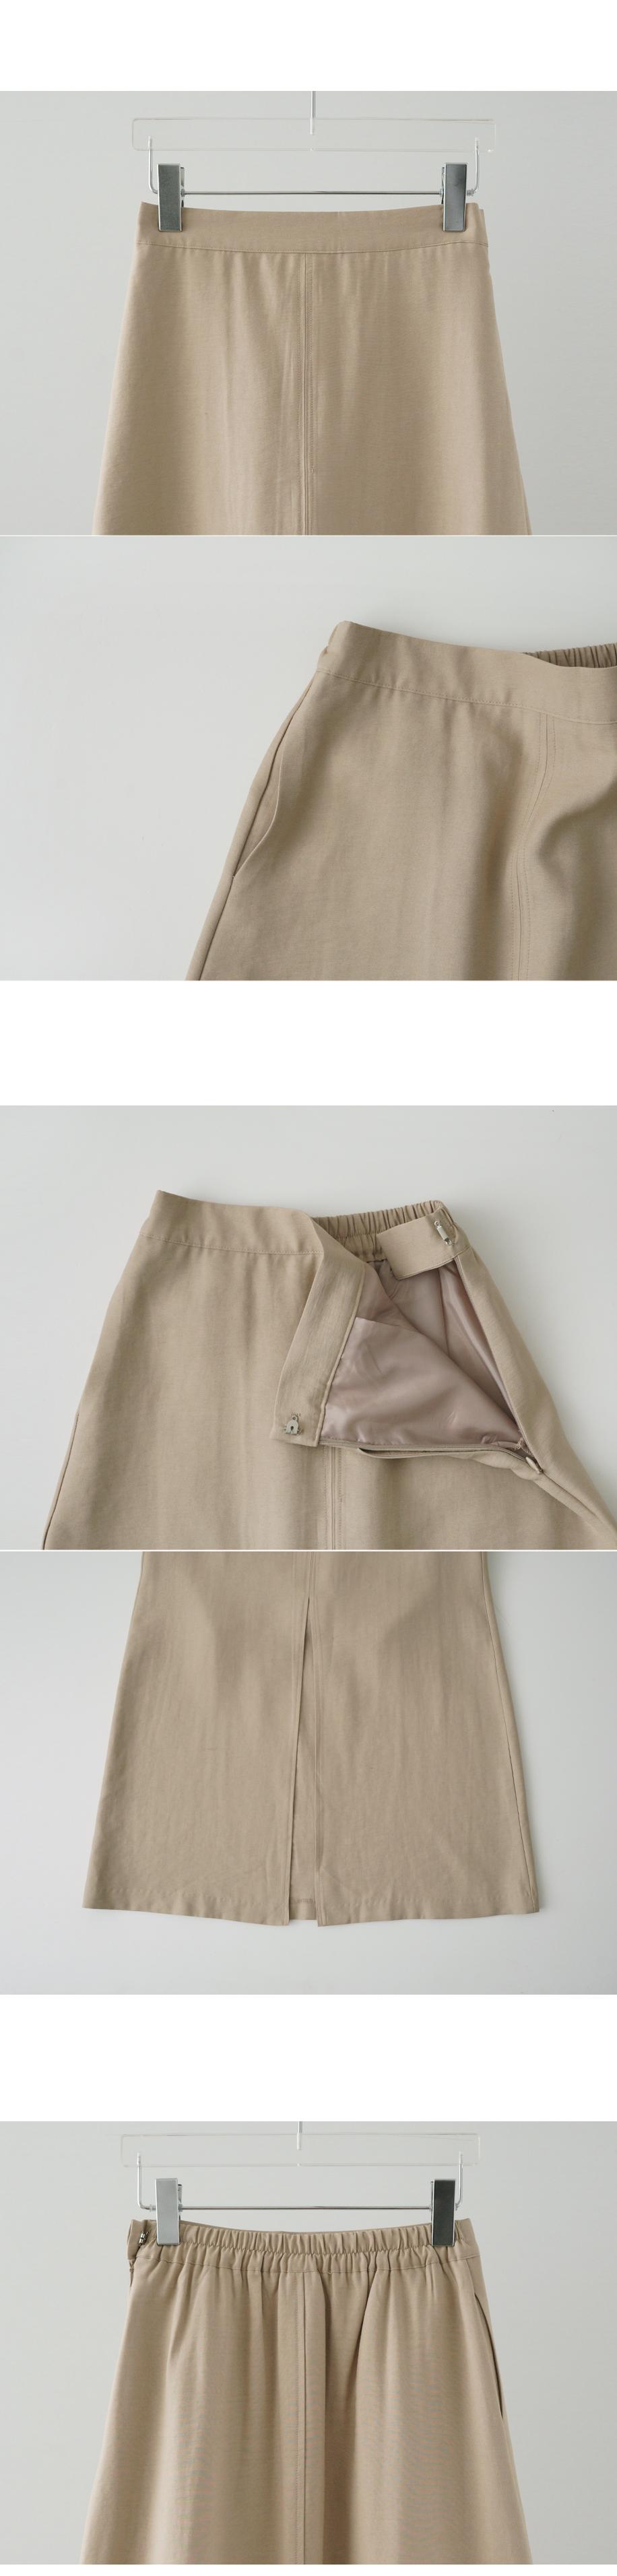 deep slit long skirt